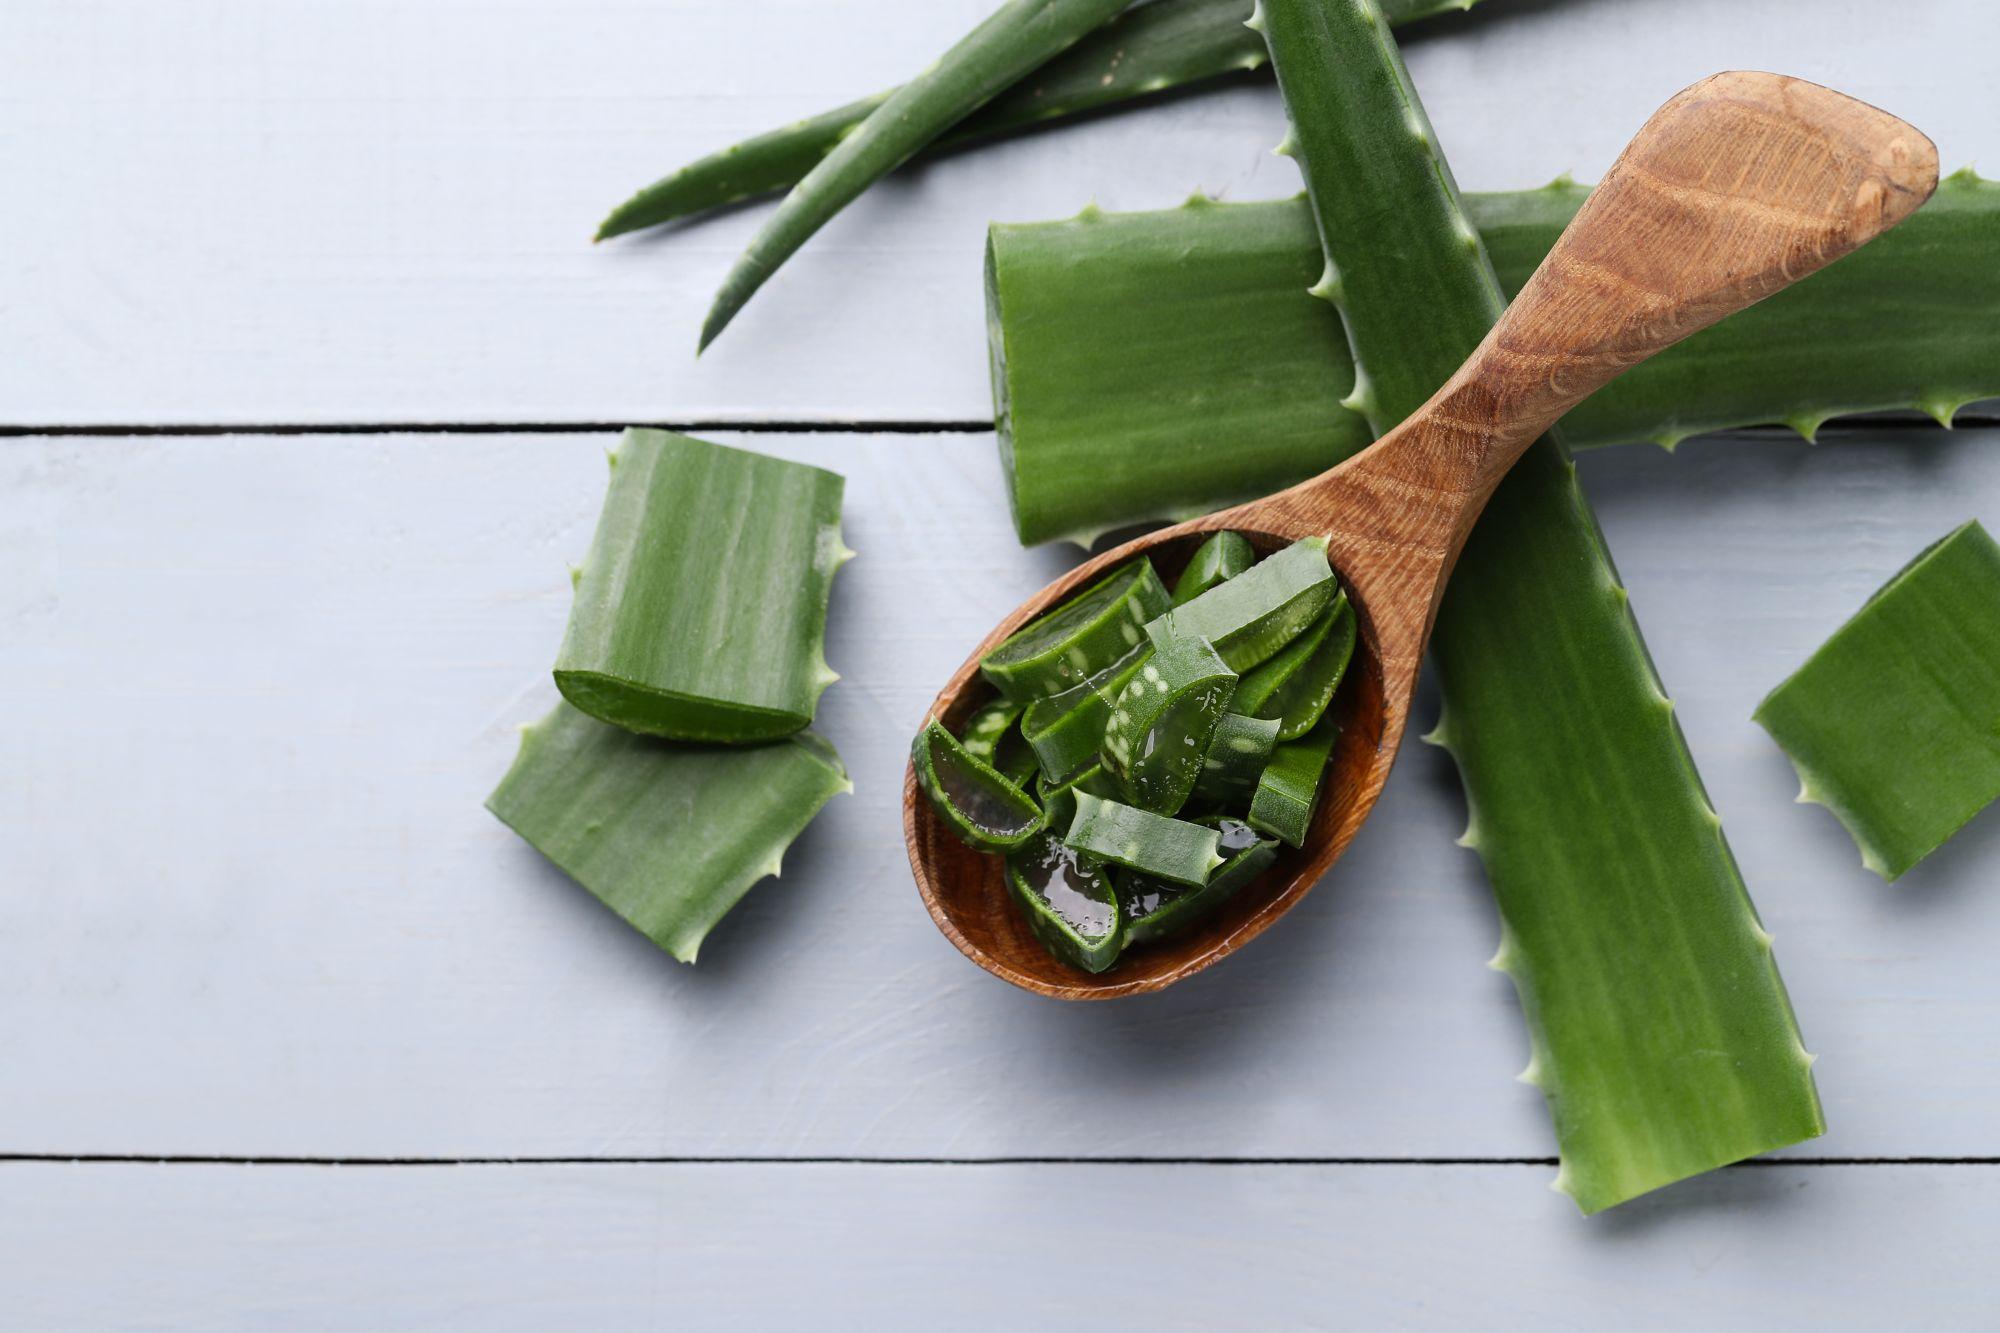 Az aloe vera gyakori hatóanyag a szempillanövesztőkben